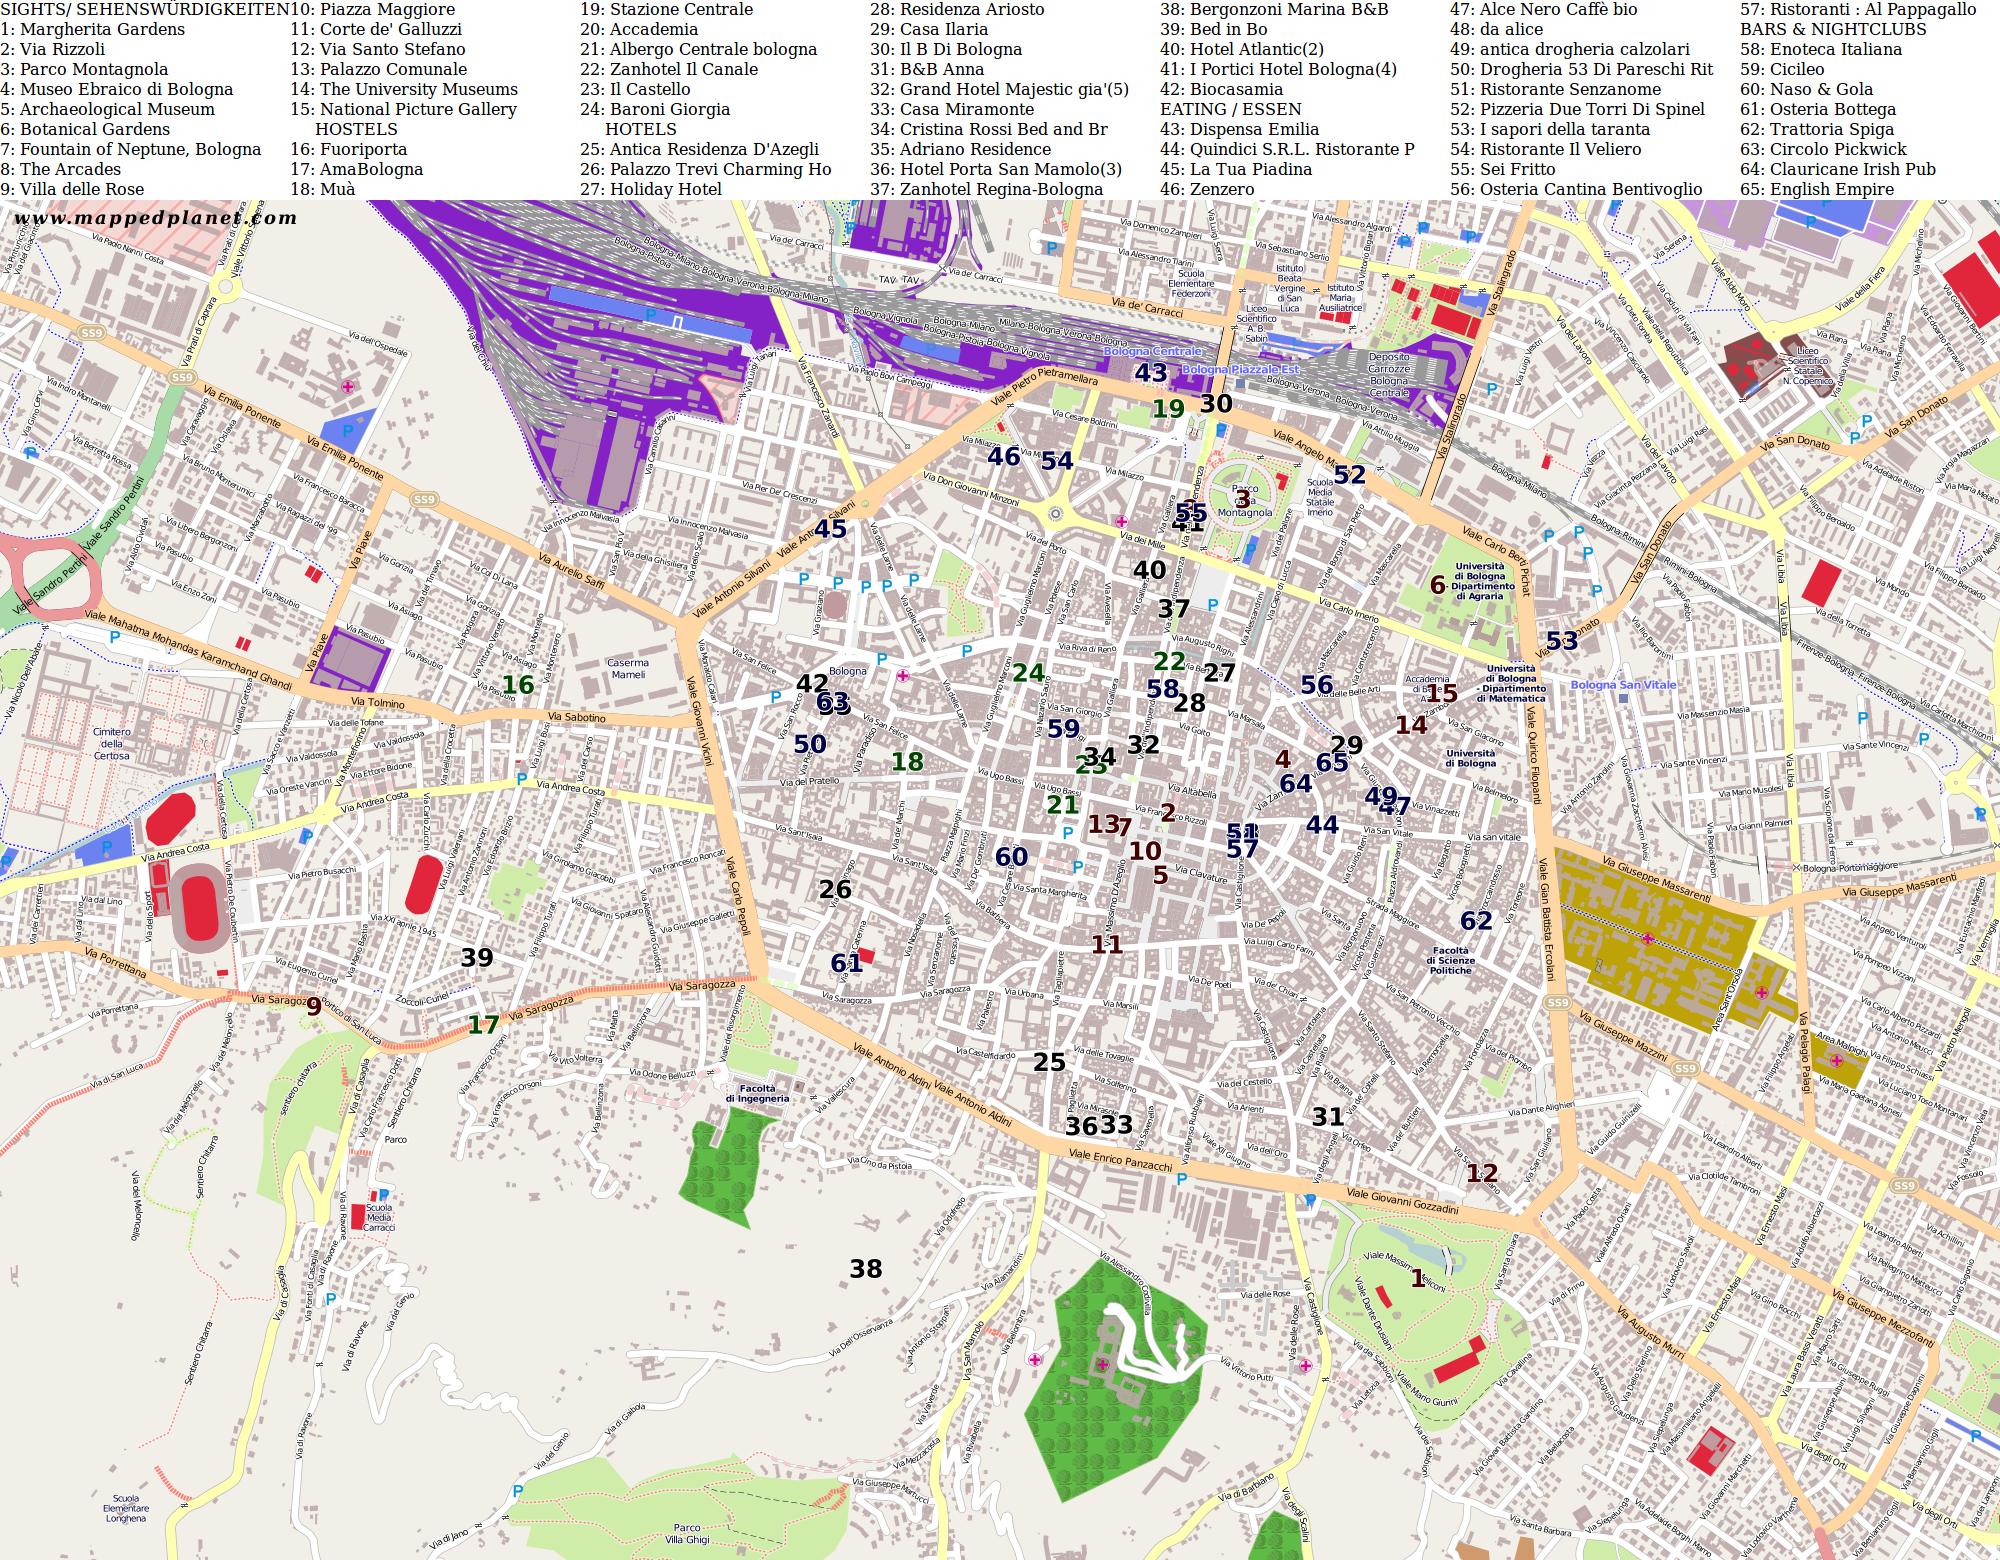 fintyre bologna map - photo#15